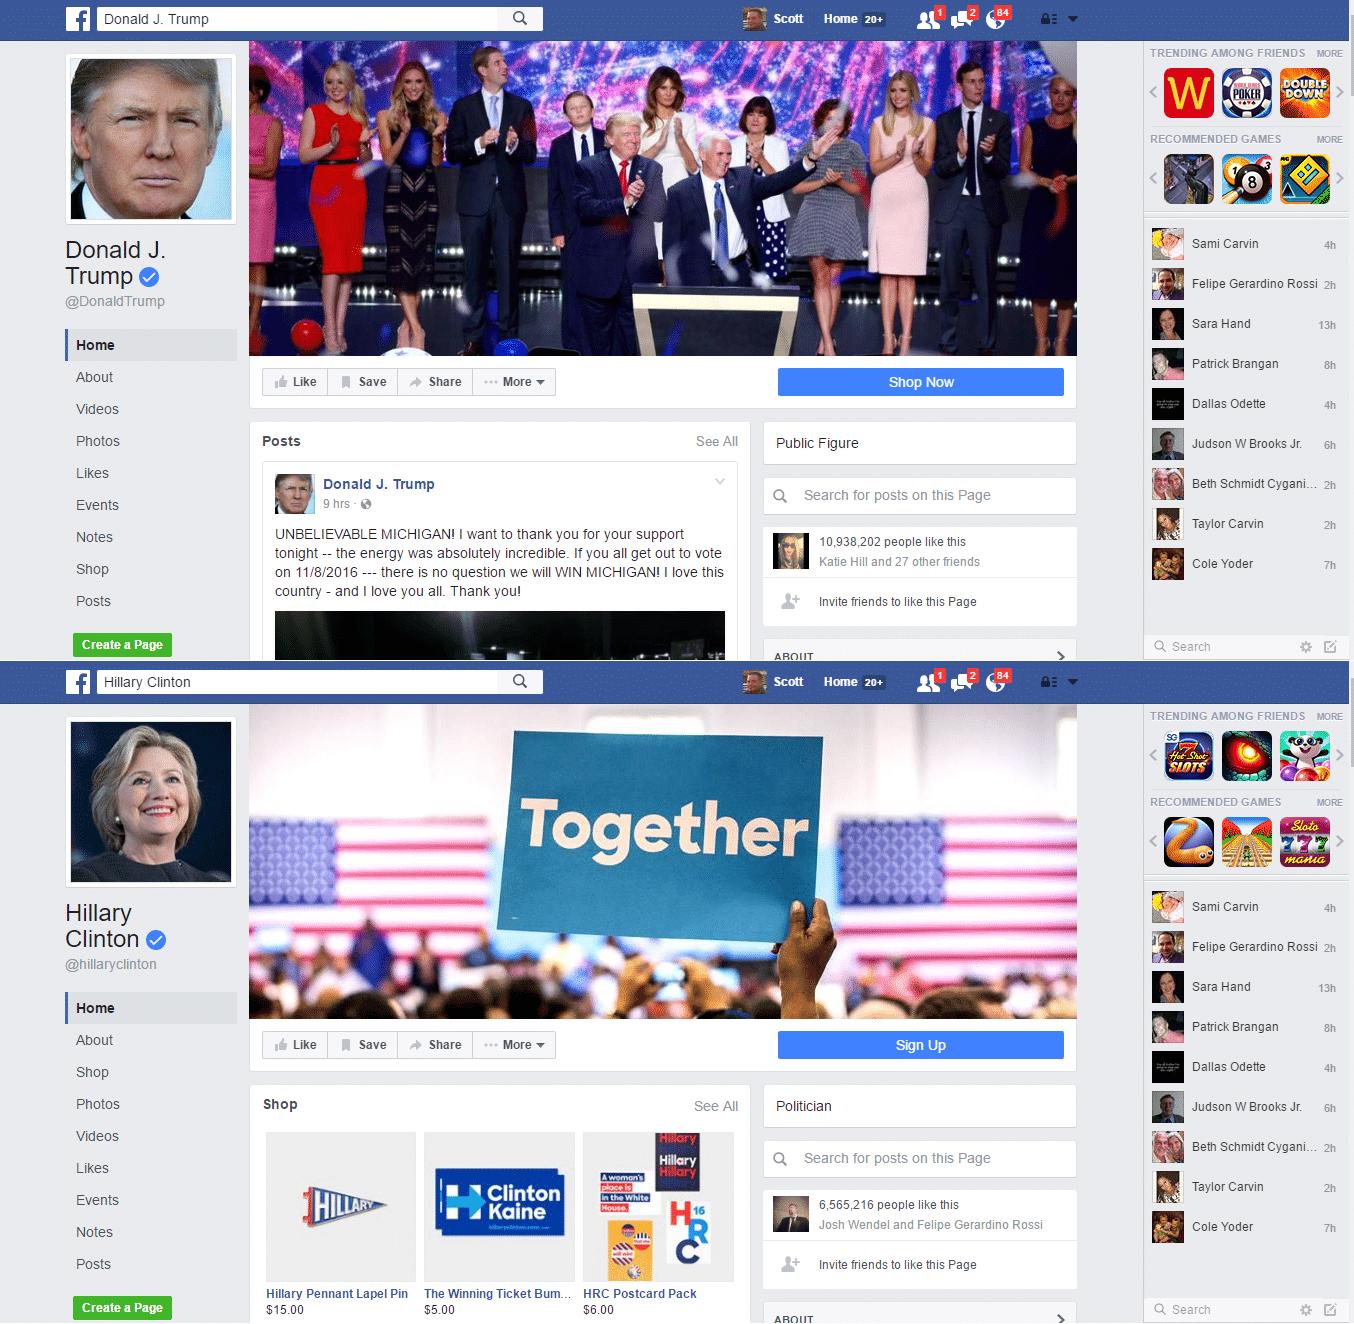 Trump / Clinton FaceBook Comparison